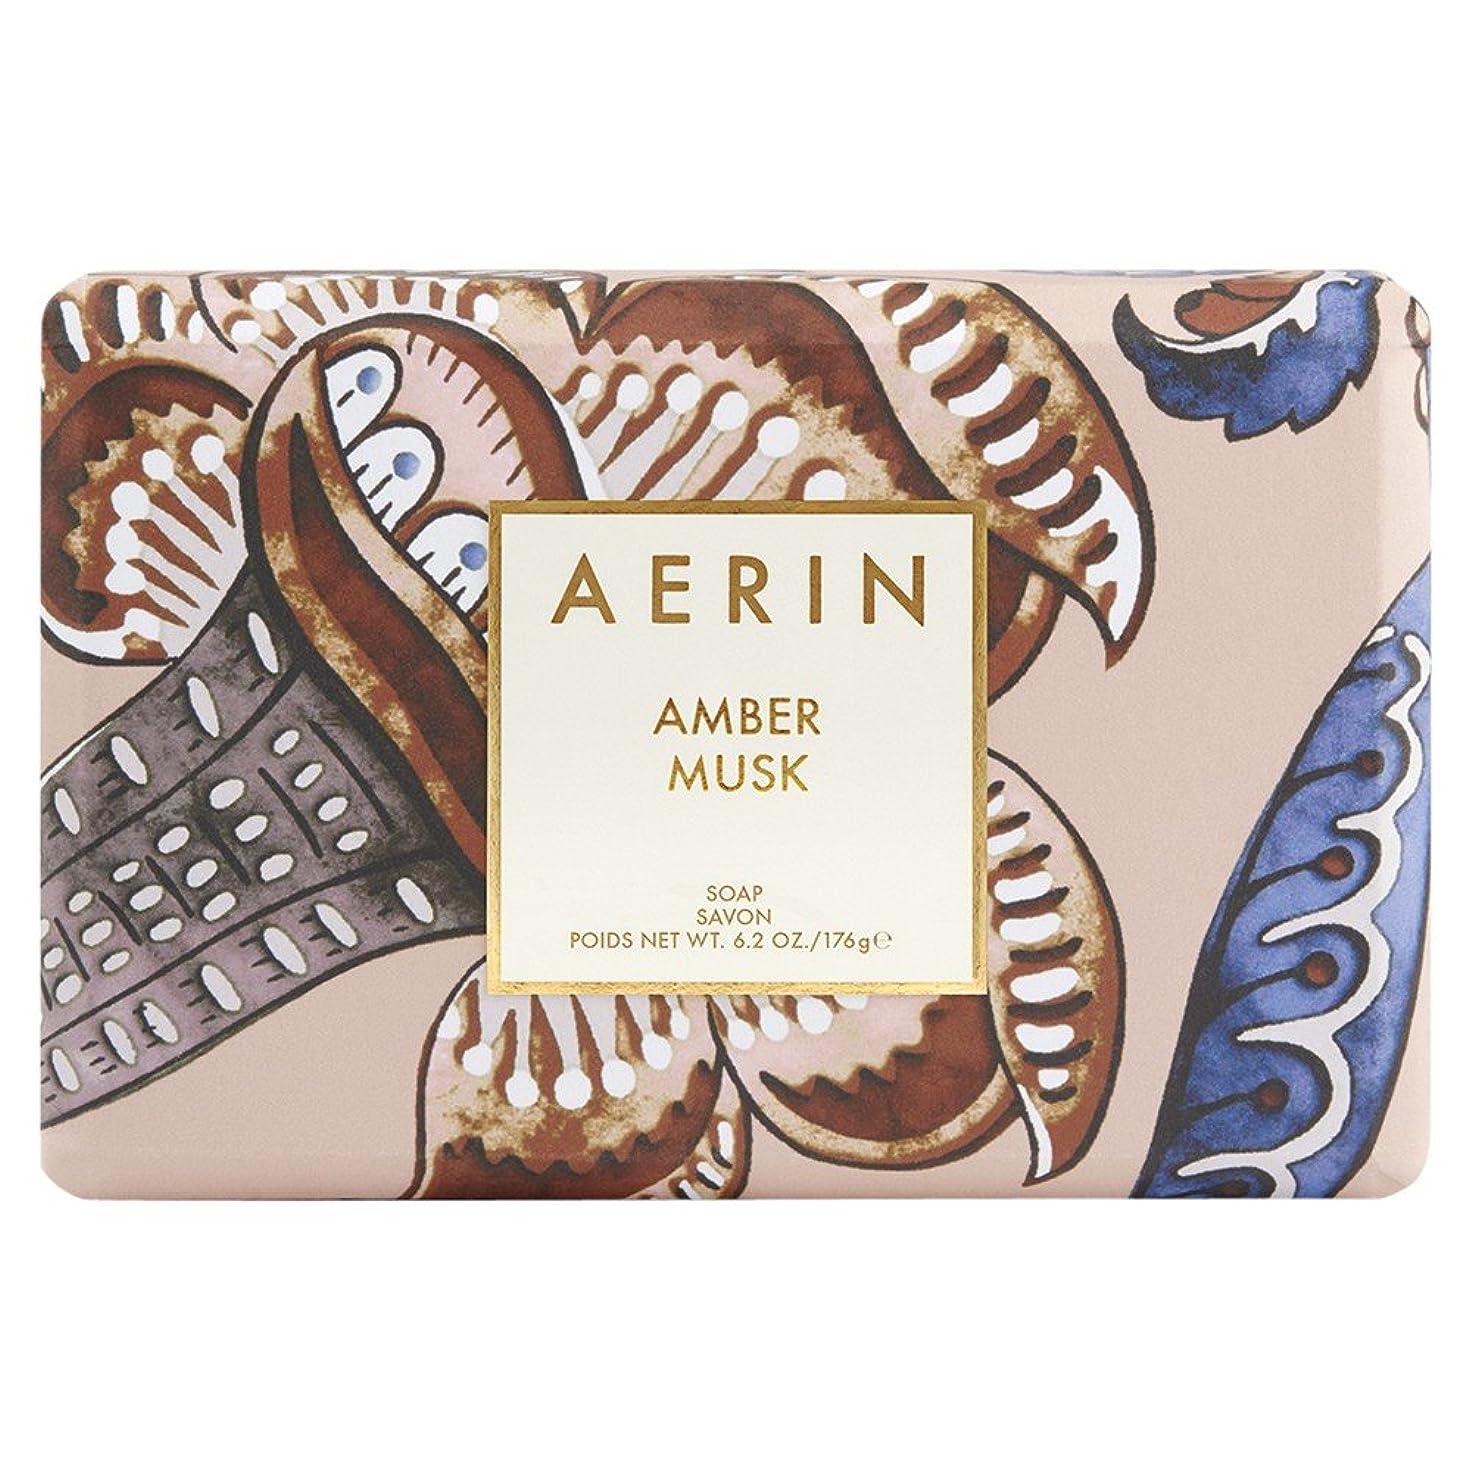 盗難朝代替Aerinアンバームスクソープ176グラム (AERIN) (x6) - AERIN Amber Musk Soap 176g (Pack of 6) [並行輸入品]